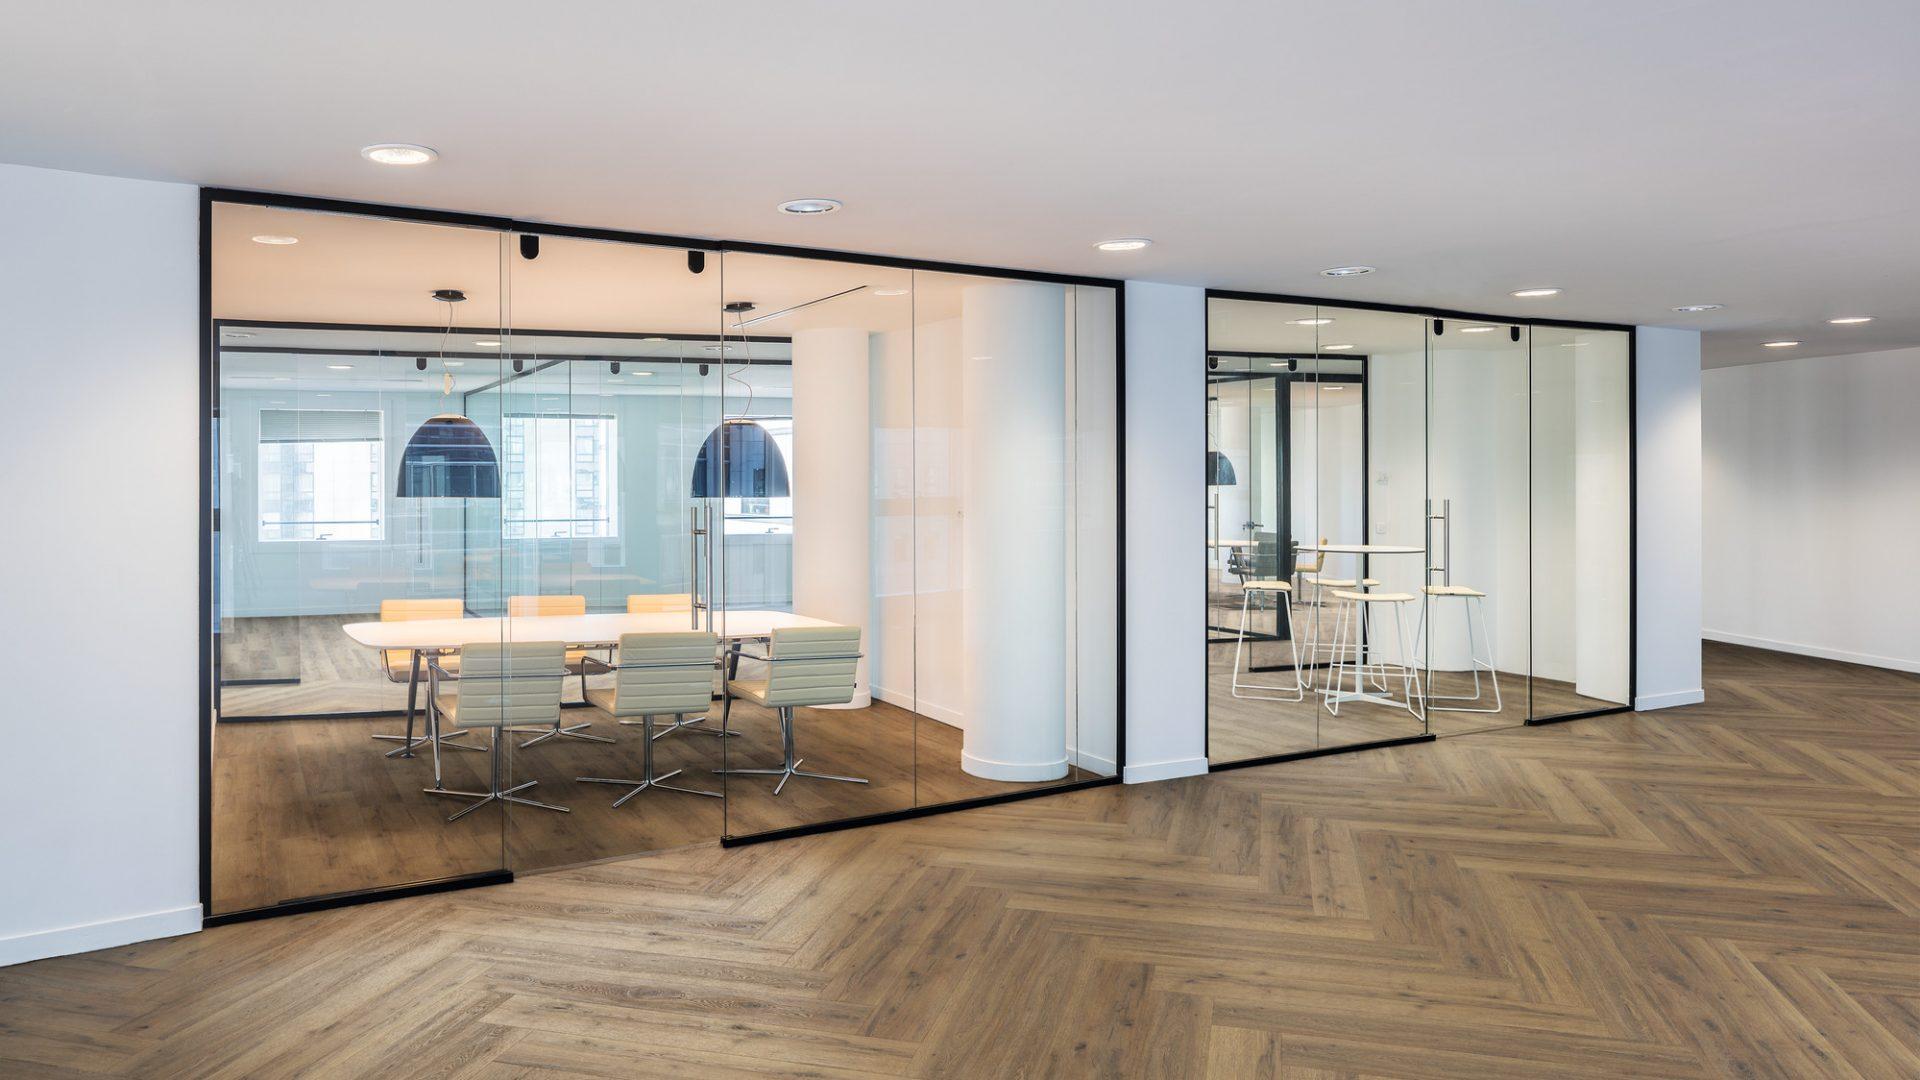 Büroräume getrennt mit Glaswänden